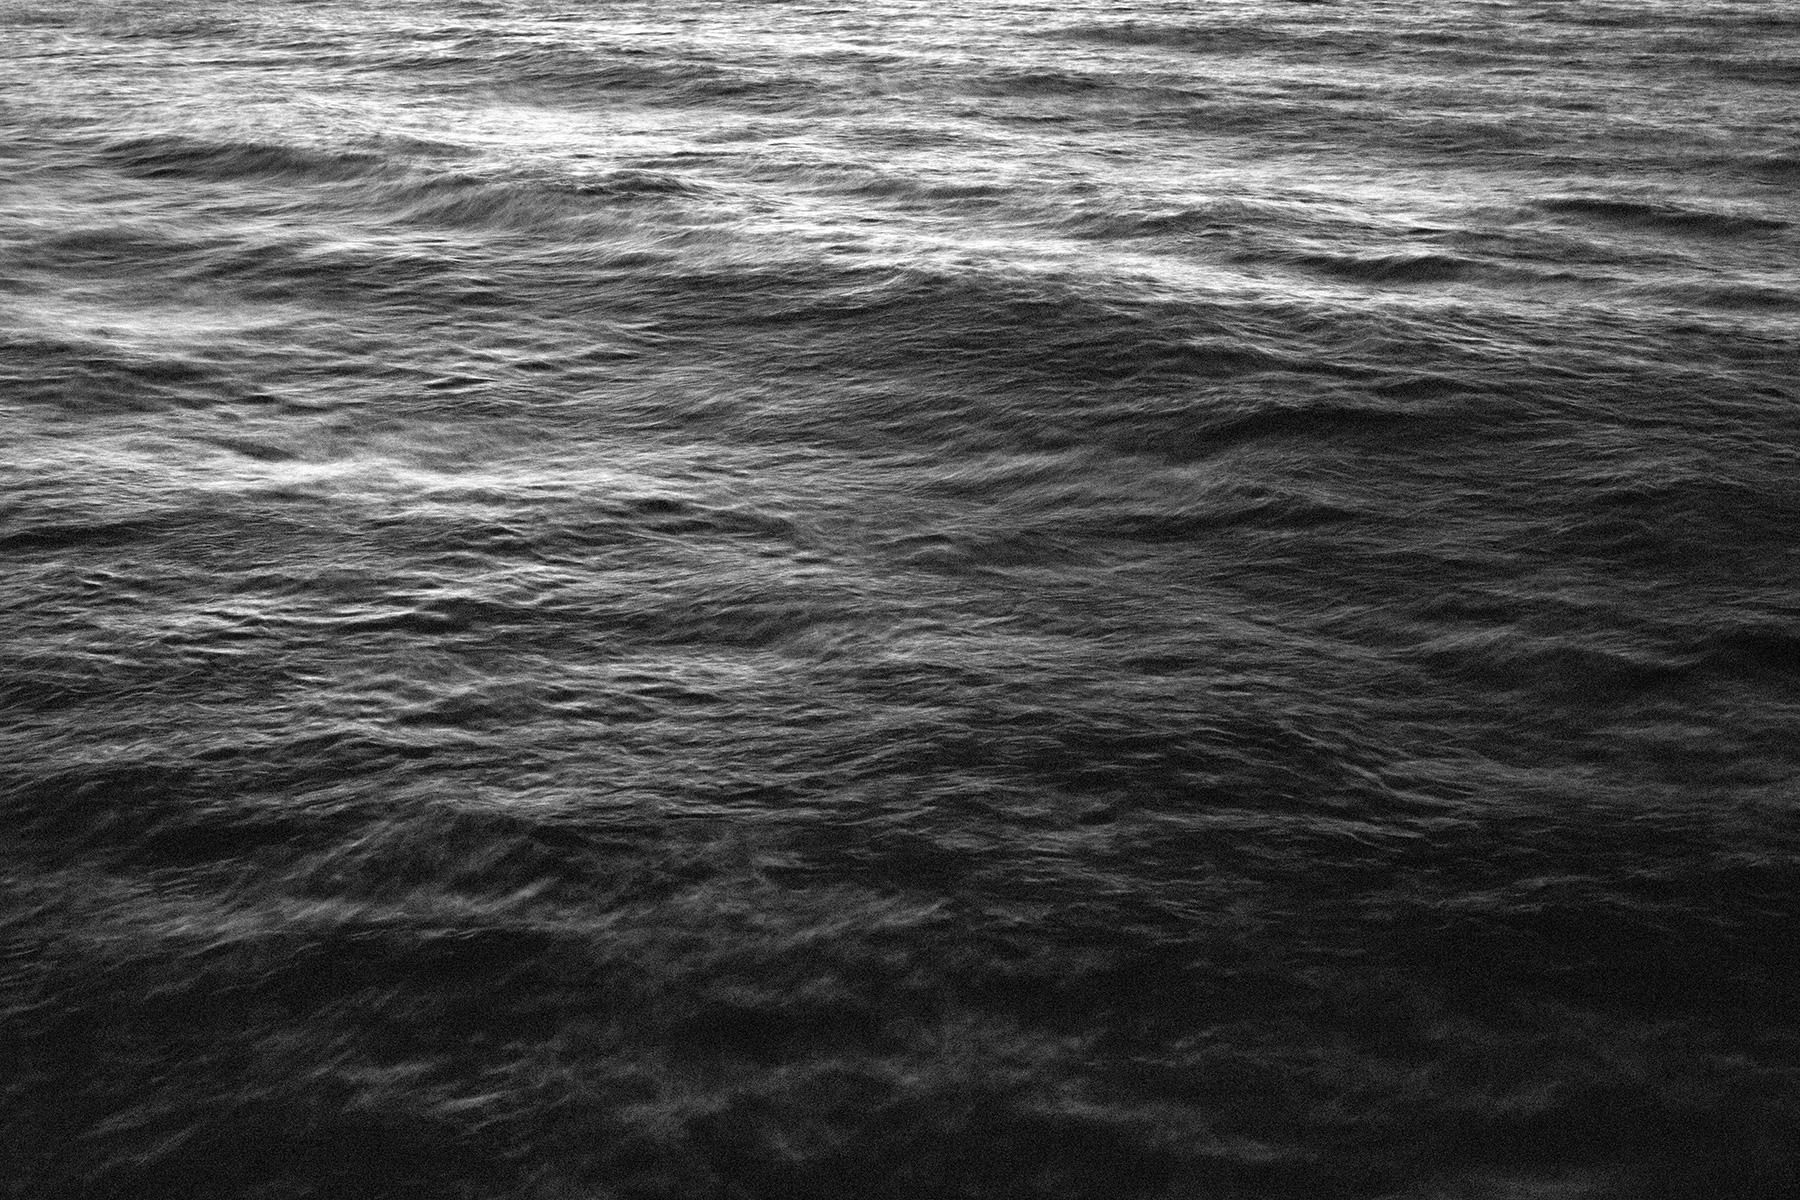 036-Salt,-Filmstill-1-70x47cm.jpg